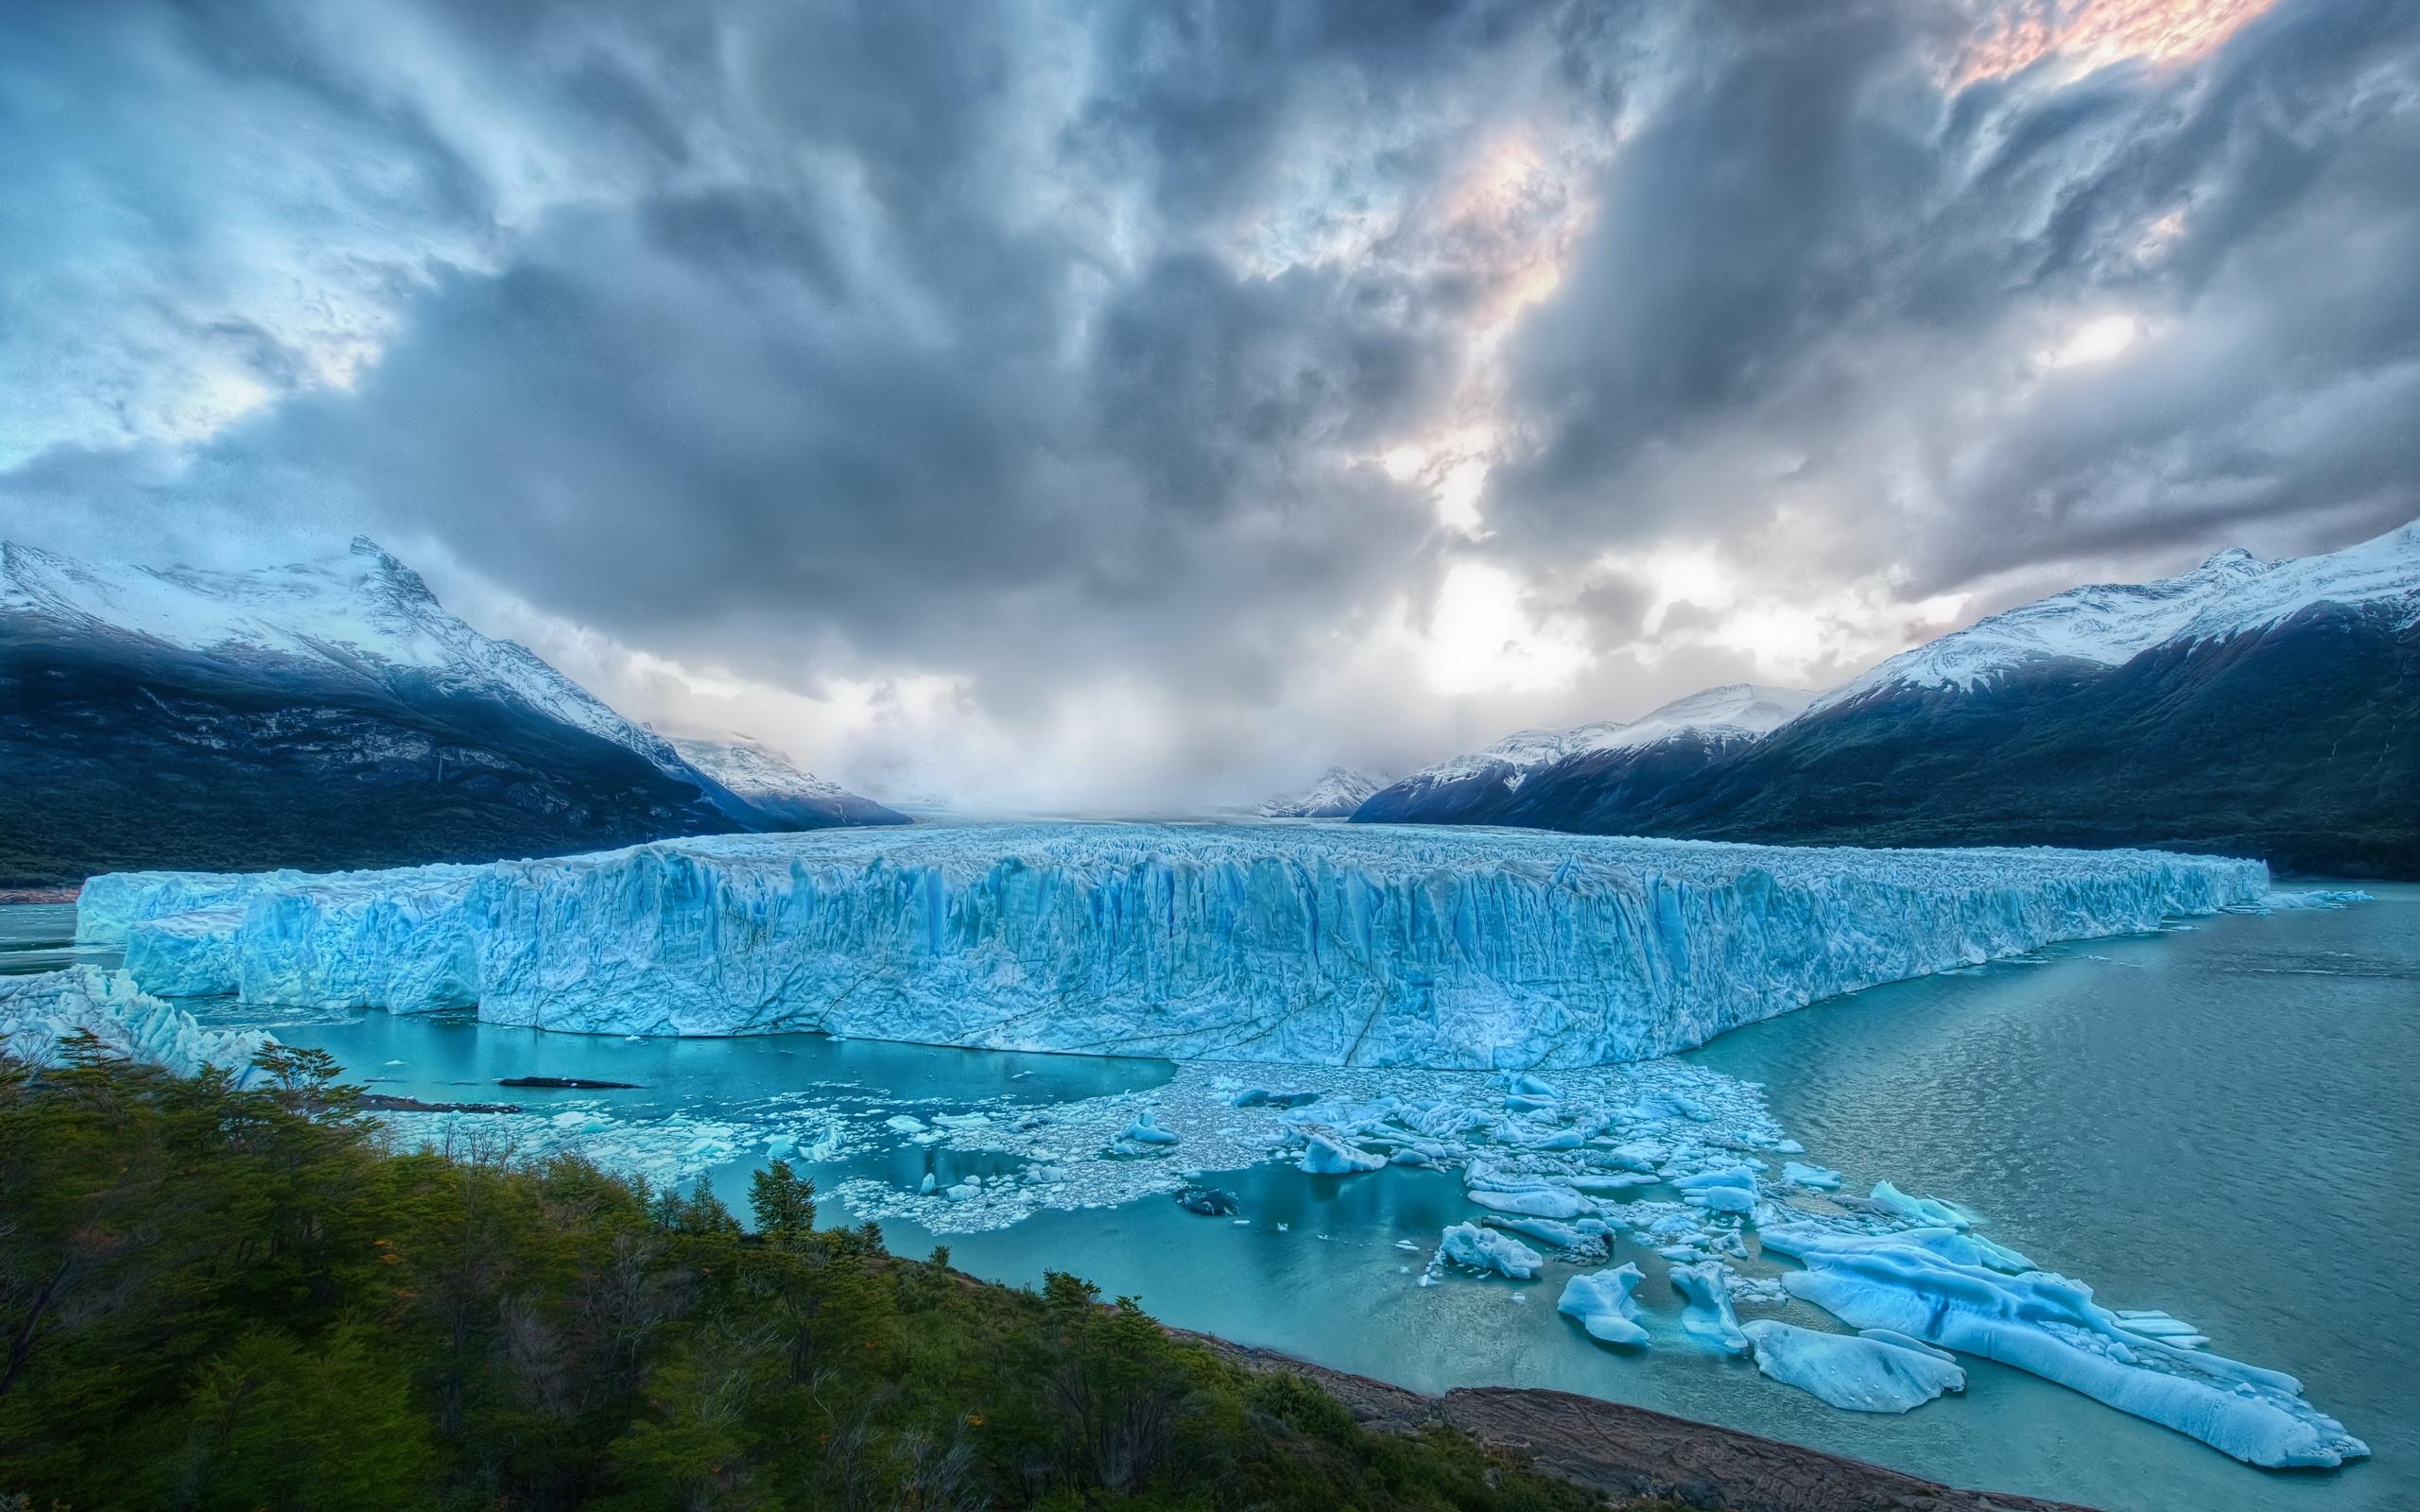 glacier wallpaper clouds